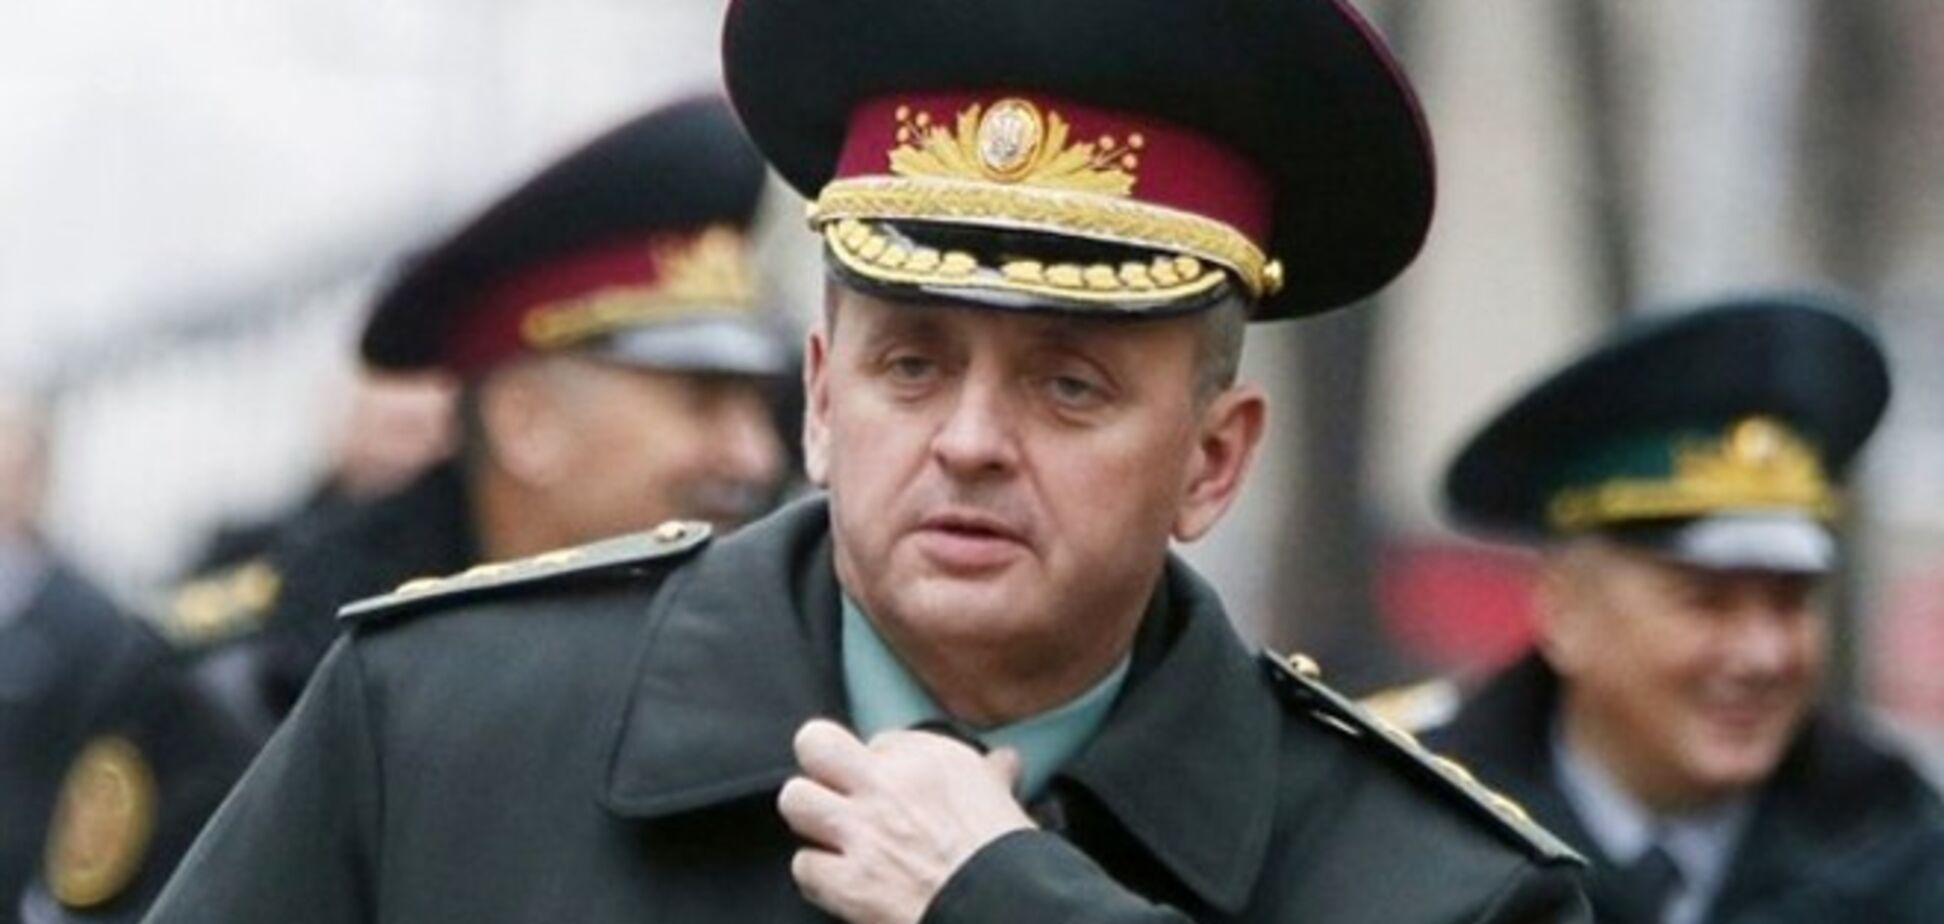 Источник: depo.ua